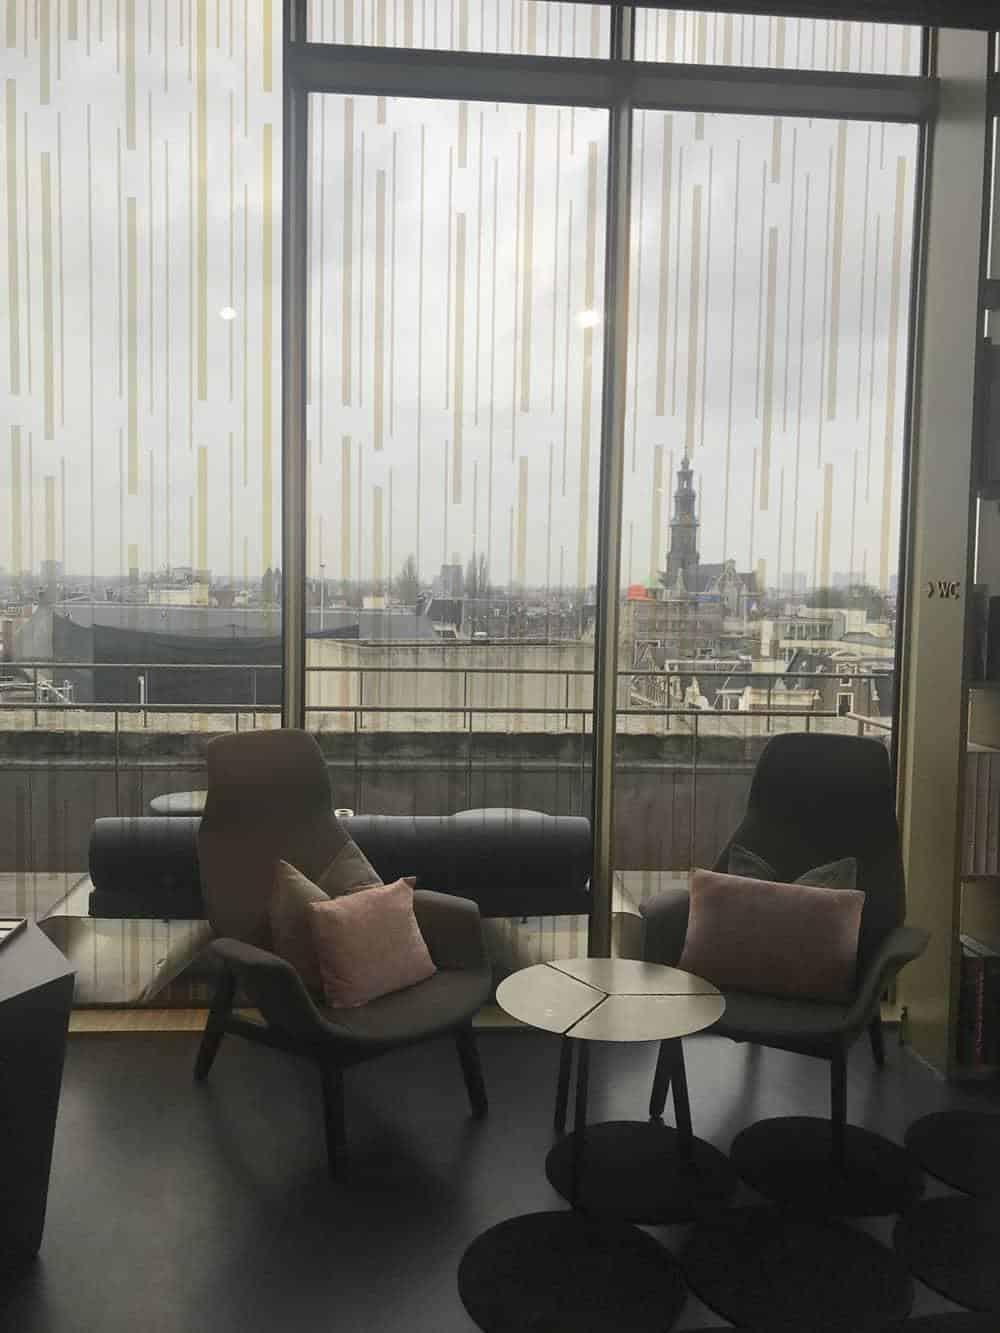 W Hotel, Amsterdam